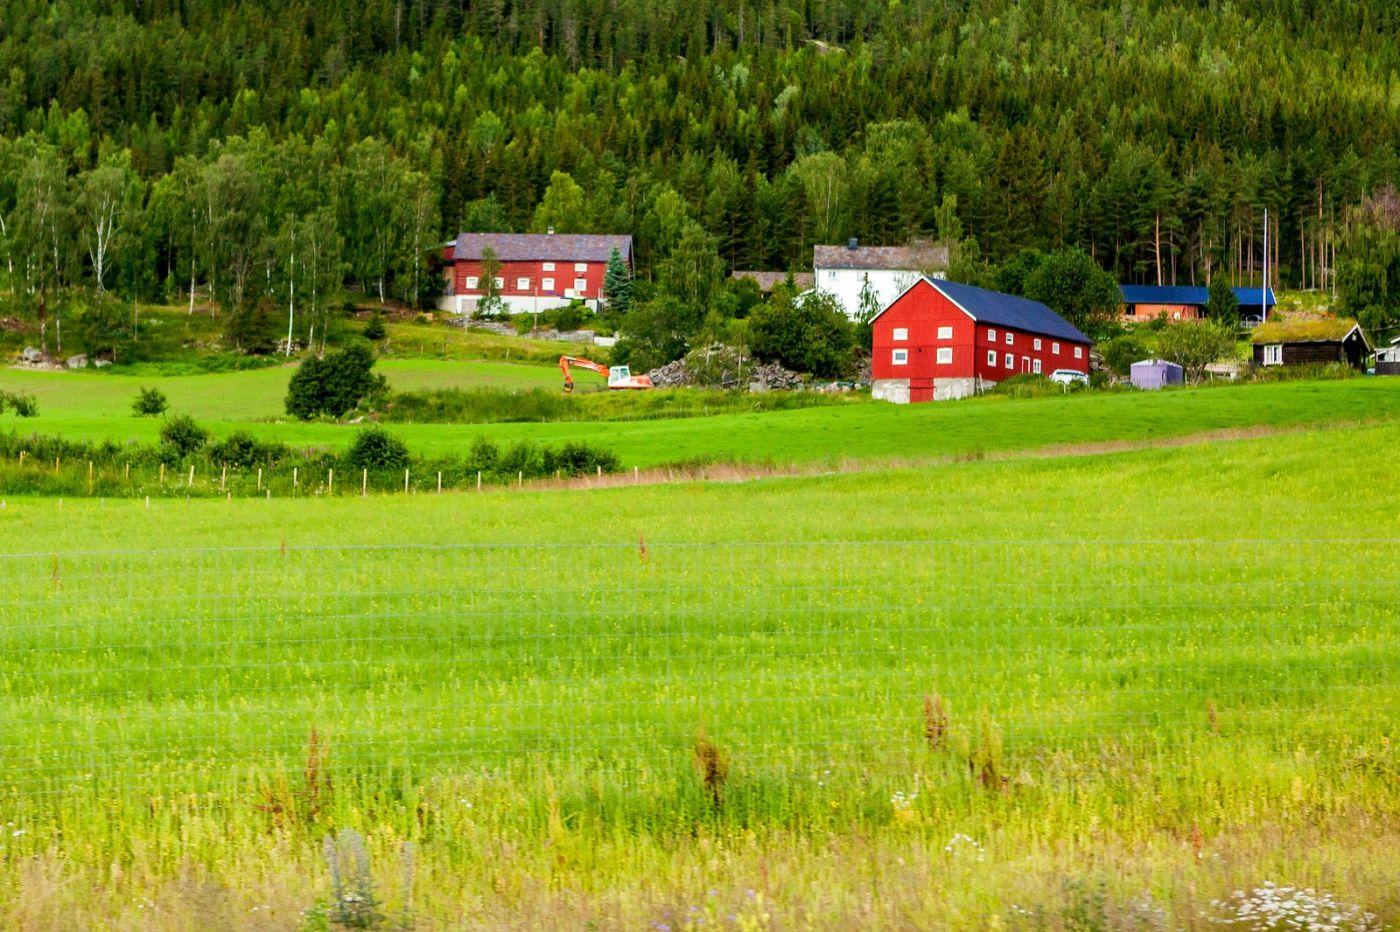 北欧旅途,美丽的田园_图1-7